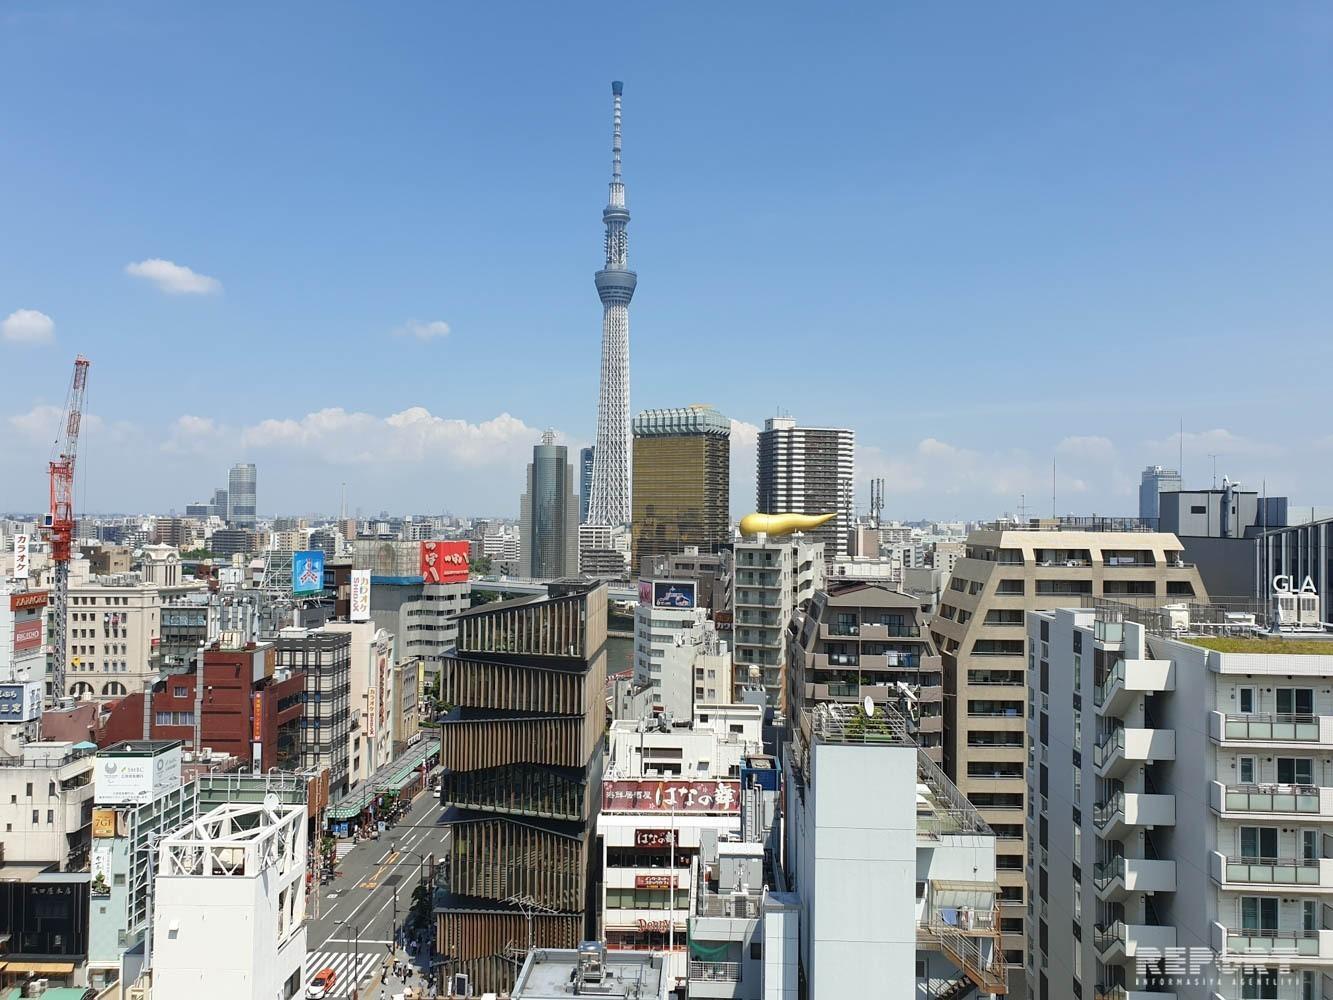 Tokyo Sky Tree / Report